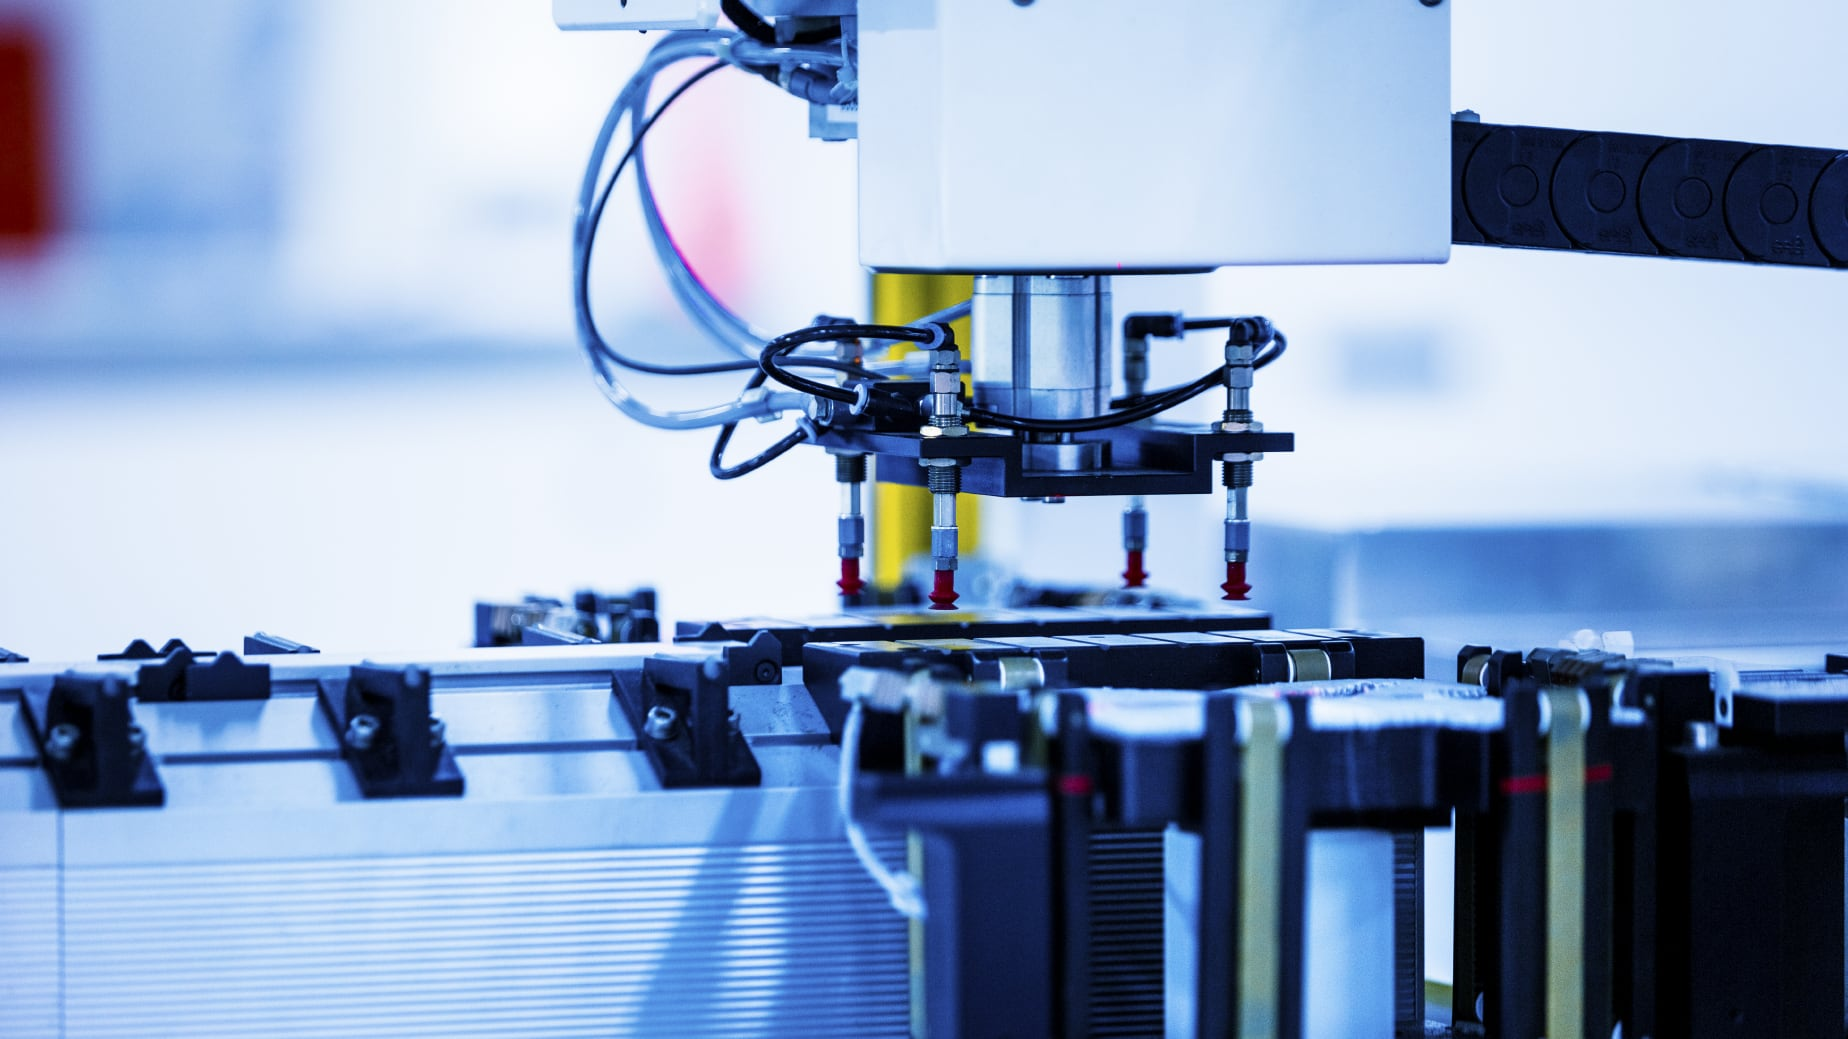 Per crescere, le PMI hanno bisogno di sviluppare innovazione. Come? Chiedendo aiuto al mondo della ricerca